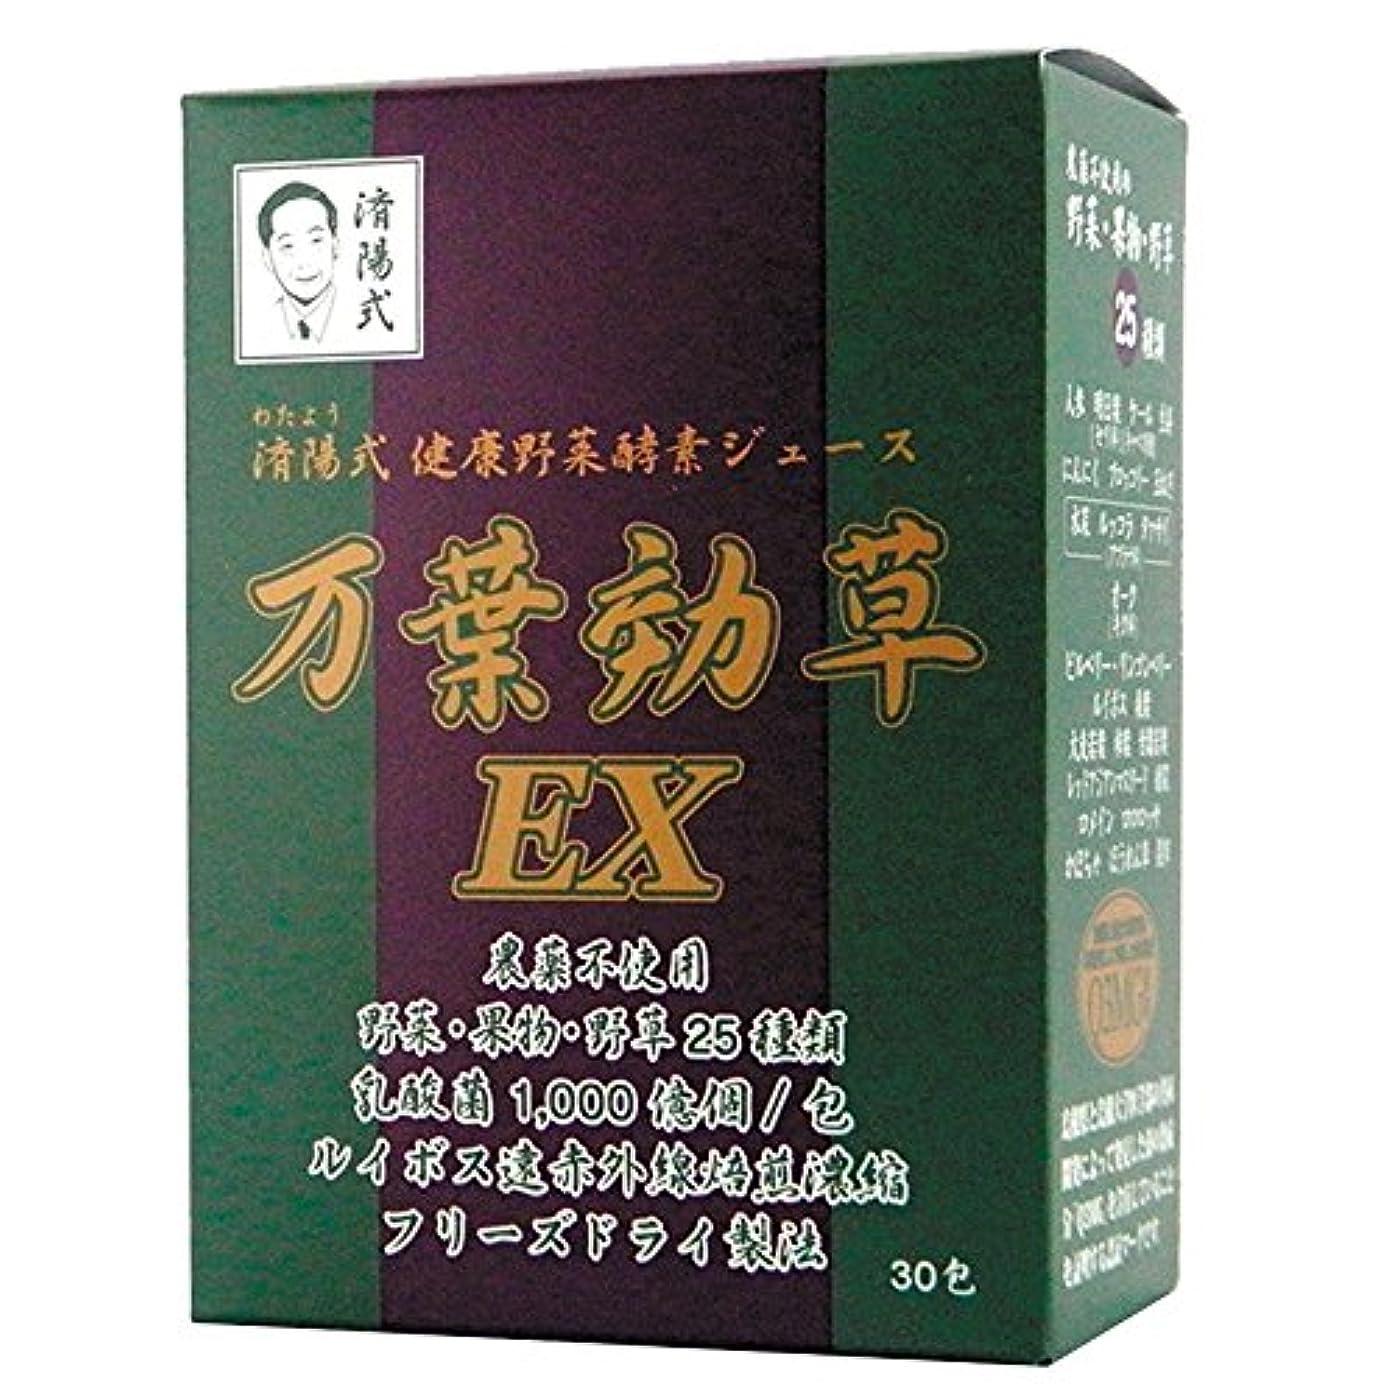 カプセル試用十年AIGエム 済陽式 健康野菜酵素ジュース 万葉効草EX